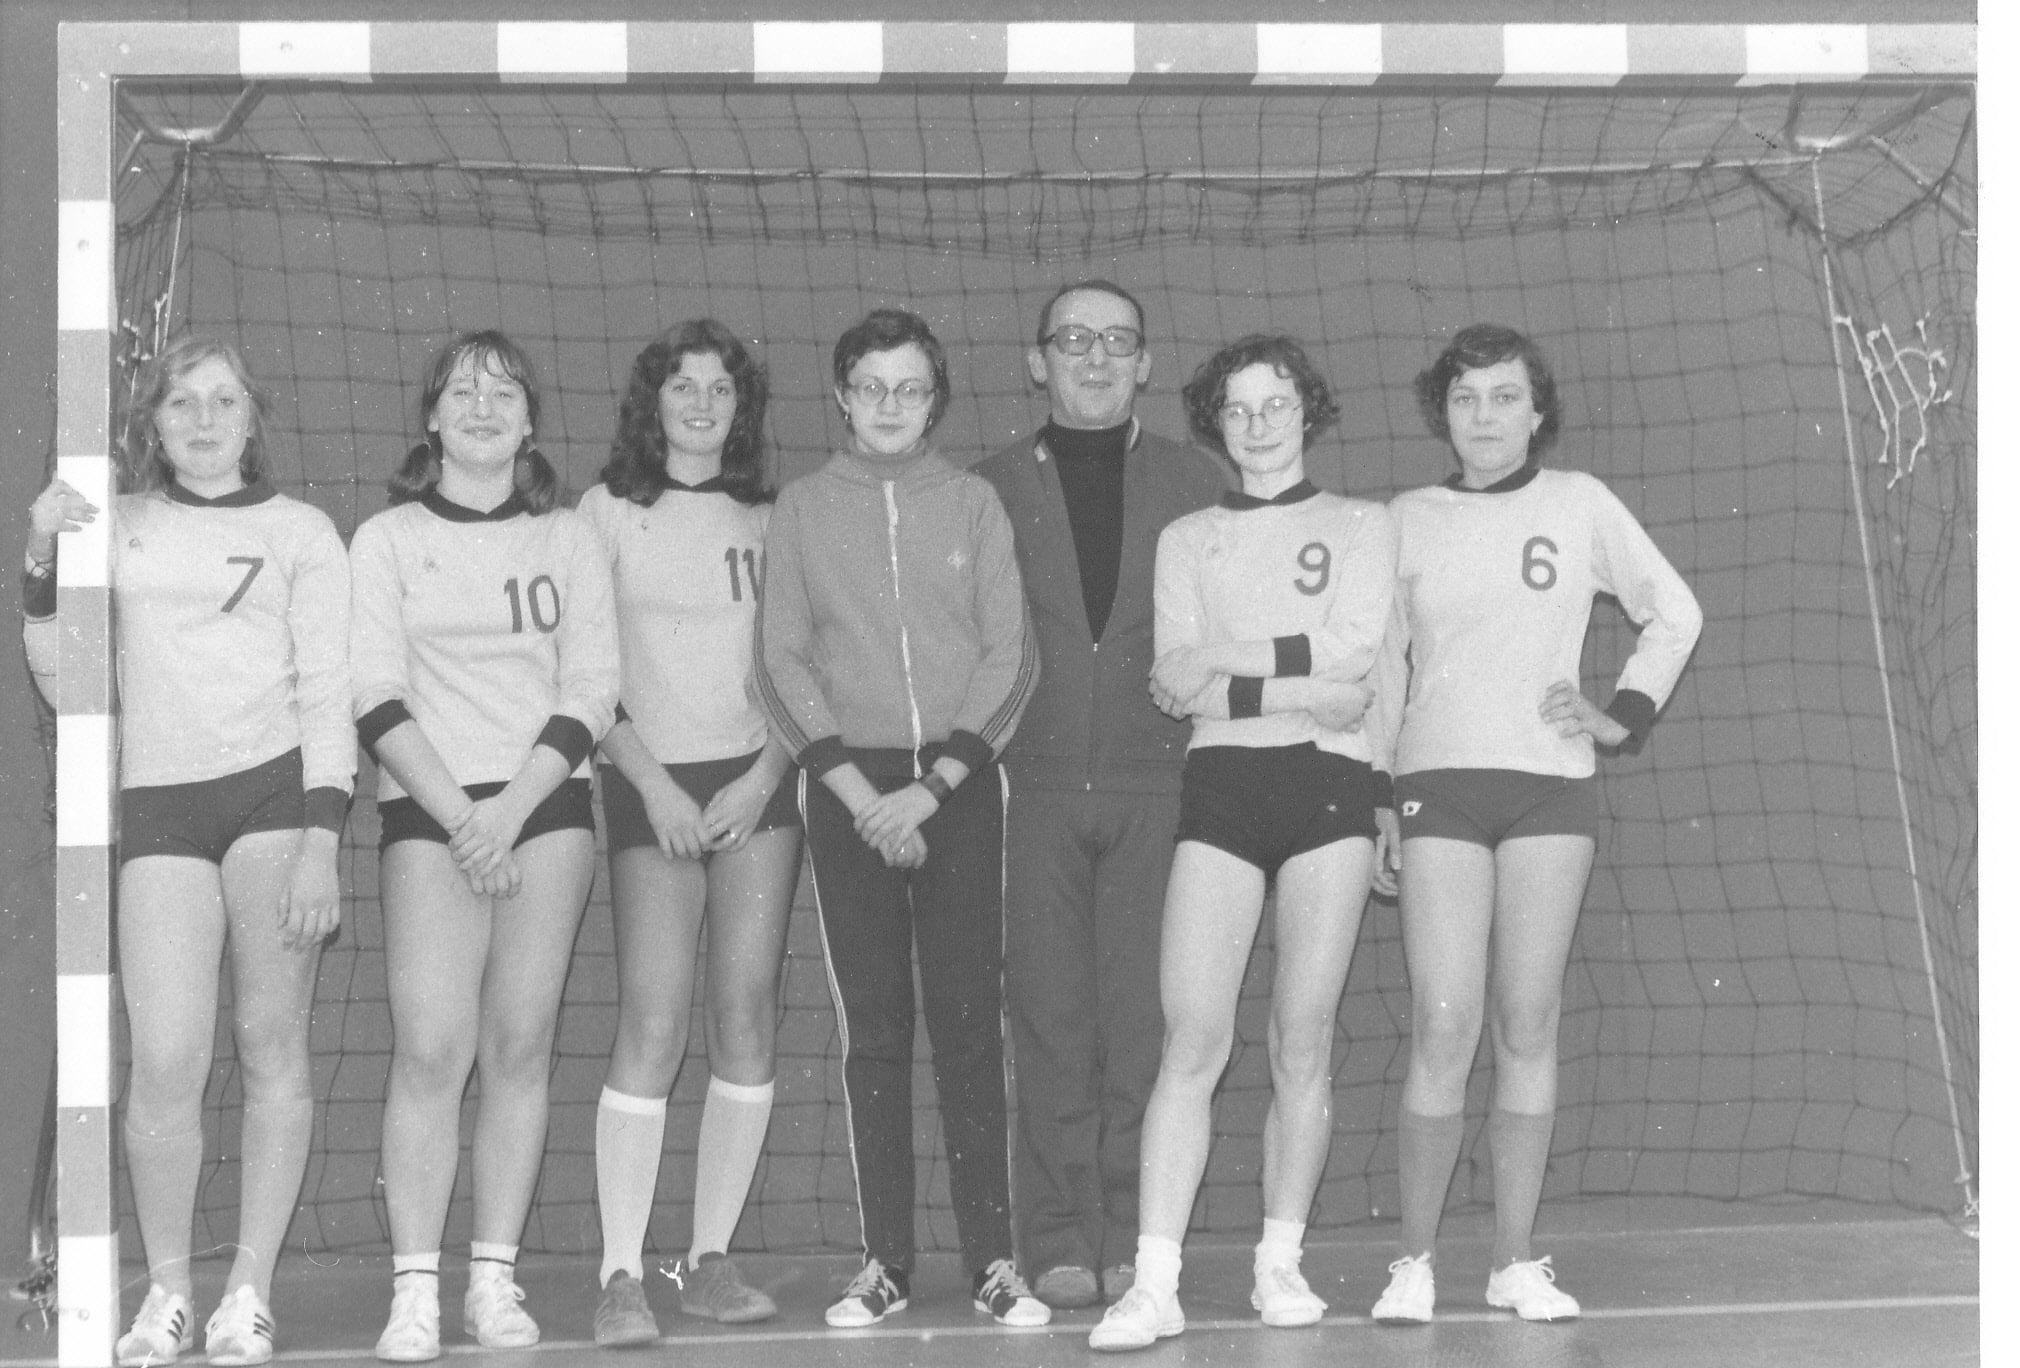 Saison-1977-1978-Cadettes-C S-dESSEY-les-NANCY